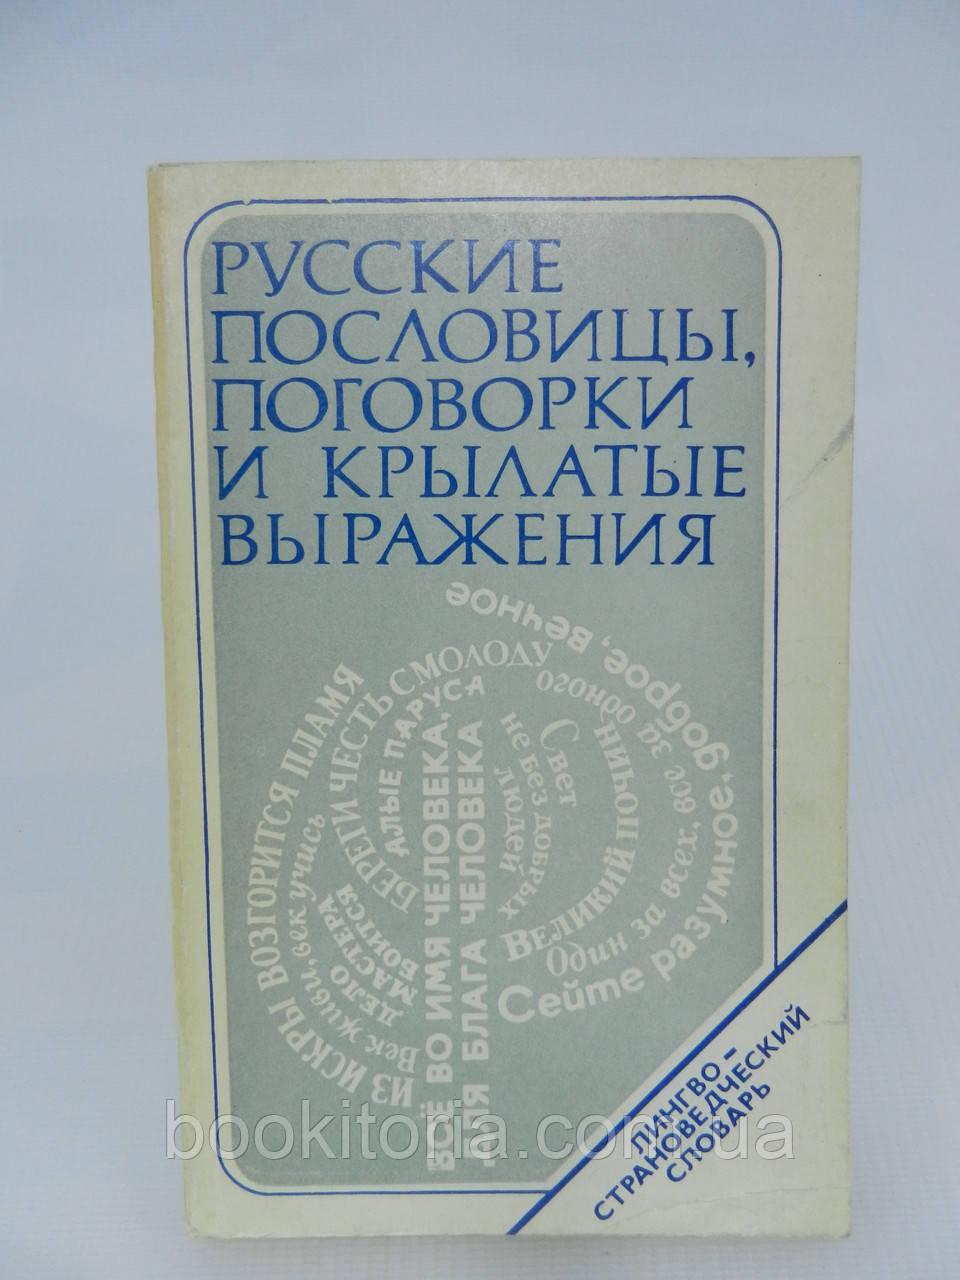 Фелицына В. и др. Русские пословицы, поговорки и крылатые выражения. Лингвострановедческий (б/у).